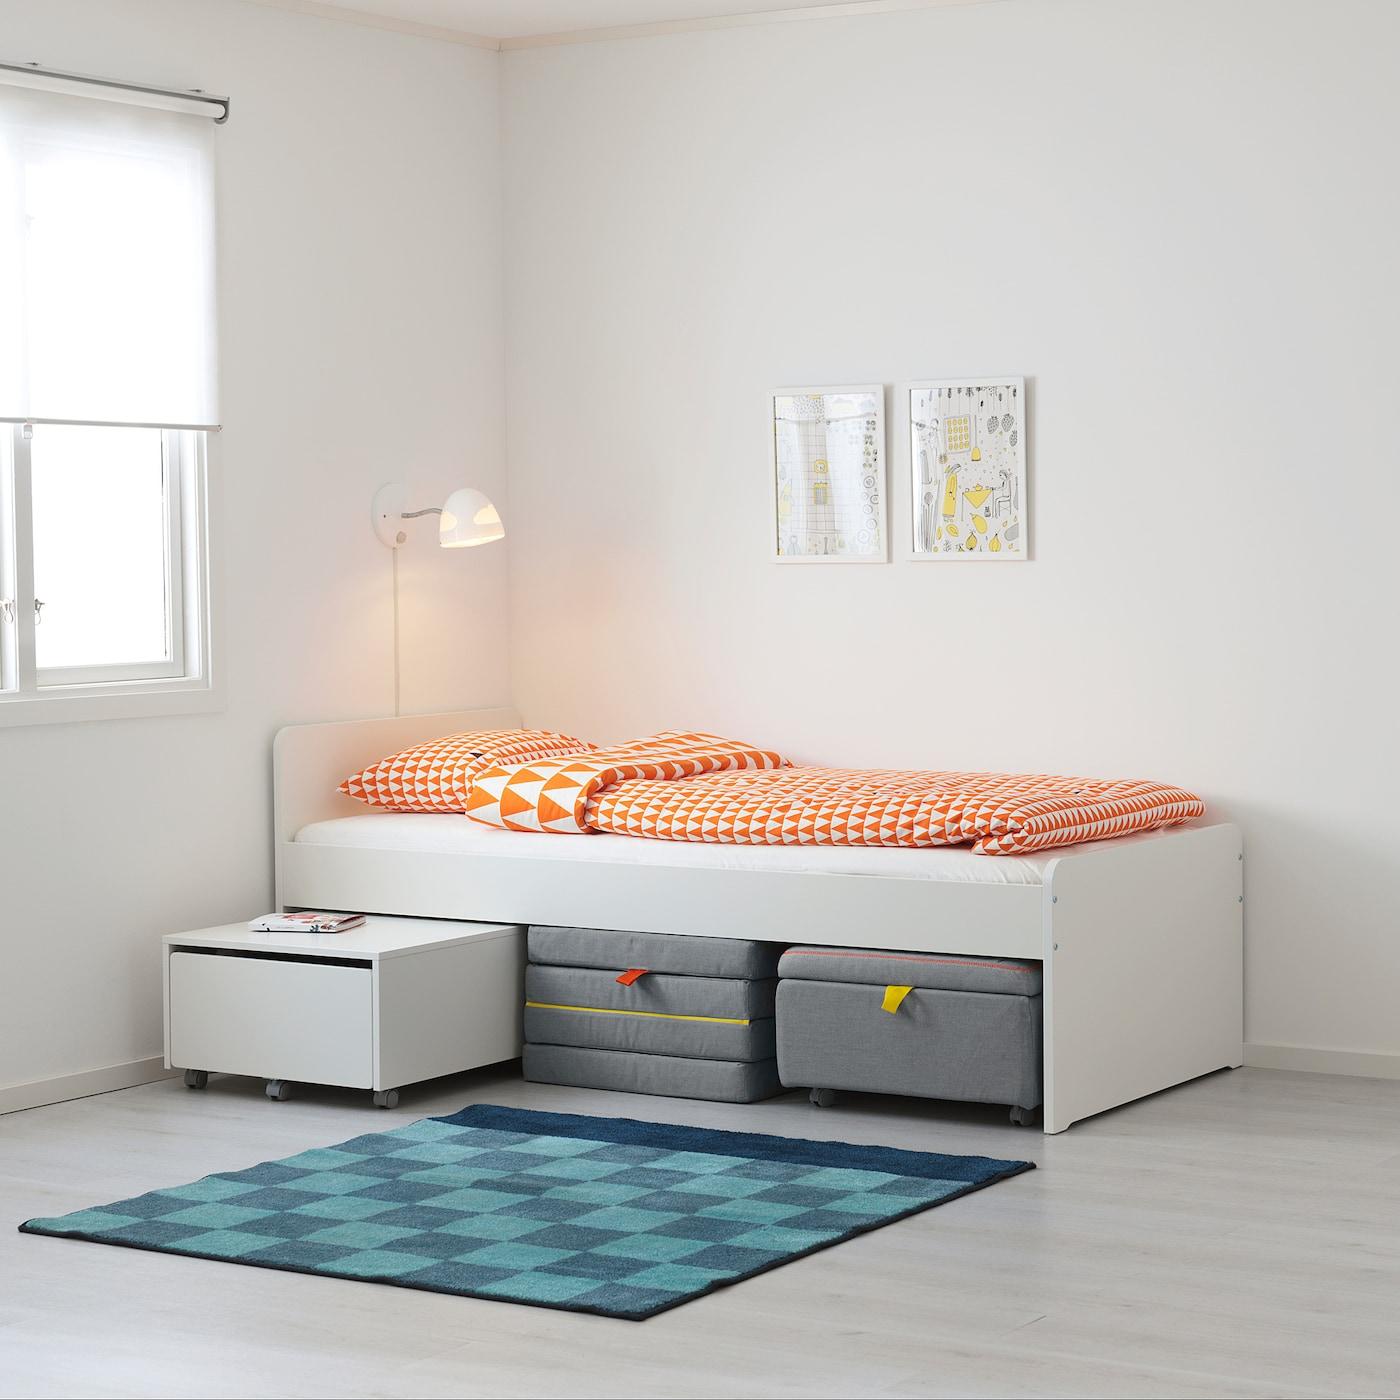 SLÄKT Pouffe/mattress, foldable